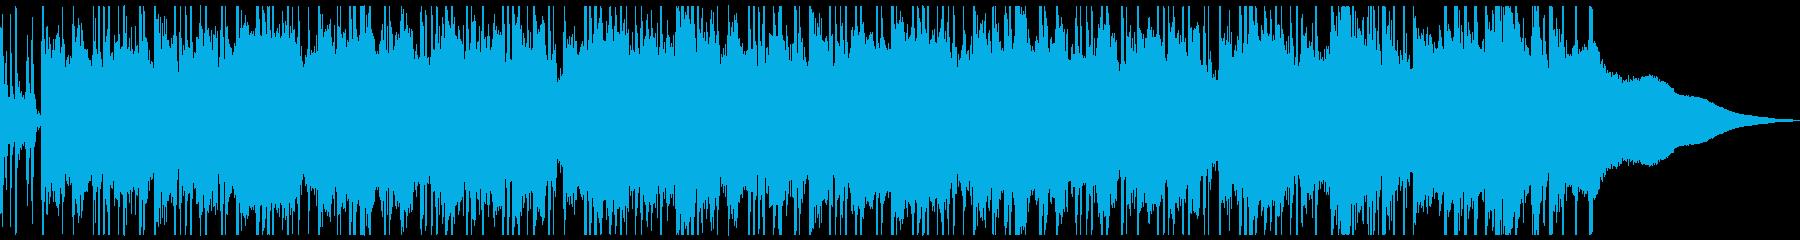 さわやかで少し切ないアコーステックな曲の再生済みの波形